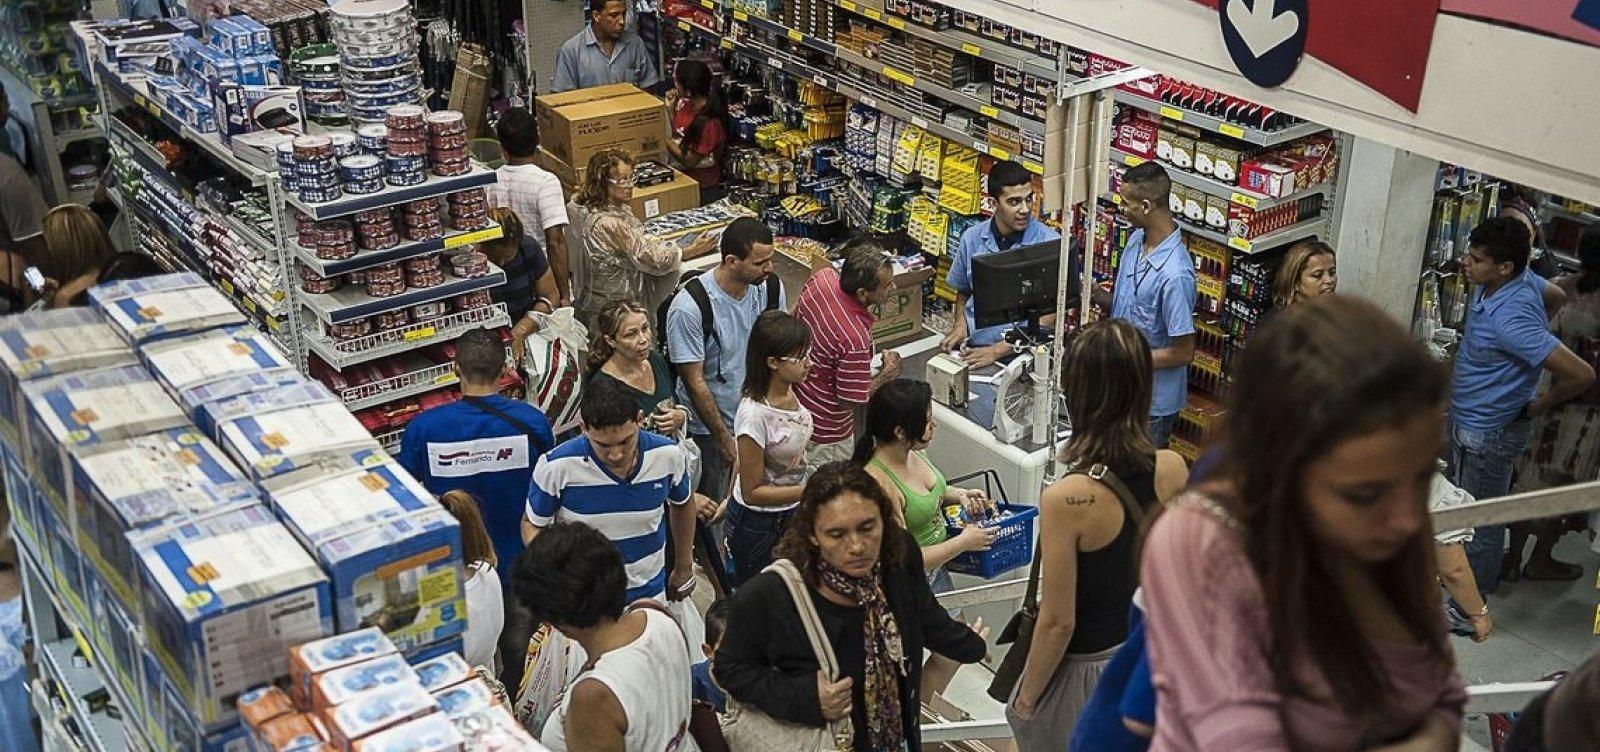 Aumenta o número de famílias brasileiras endividadas no país, diz CNC